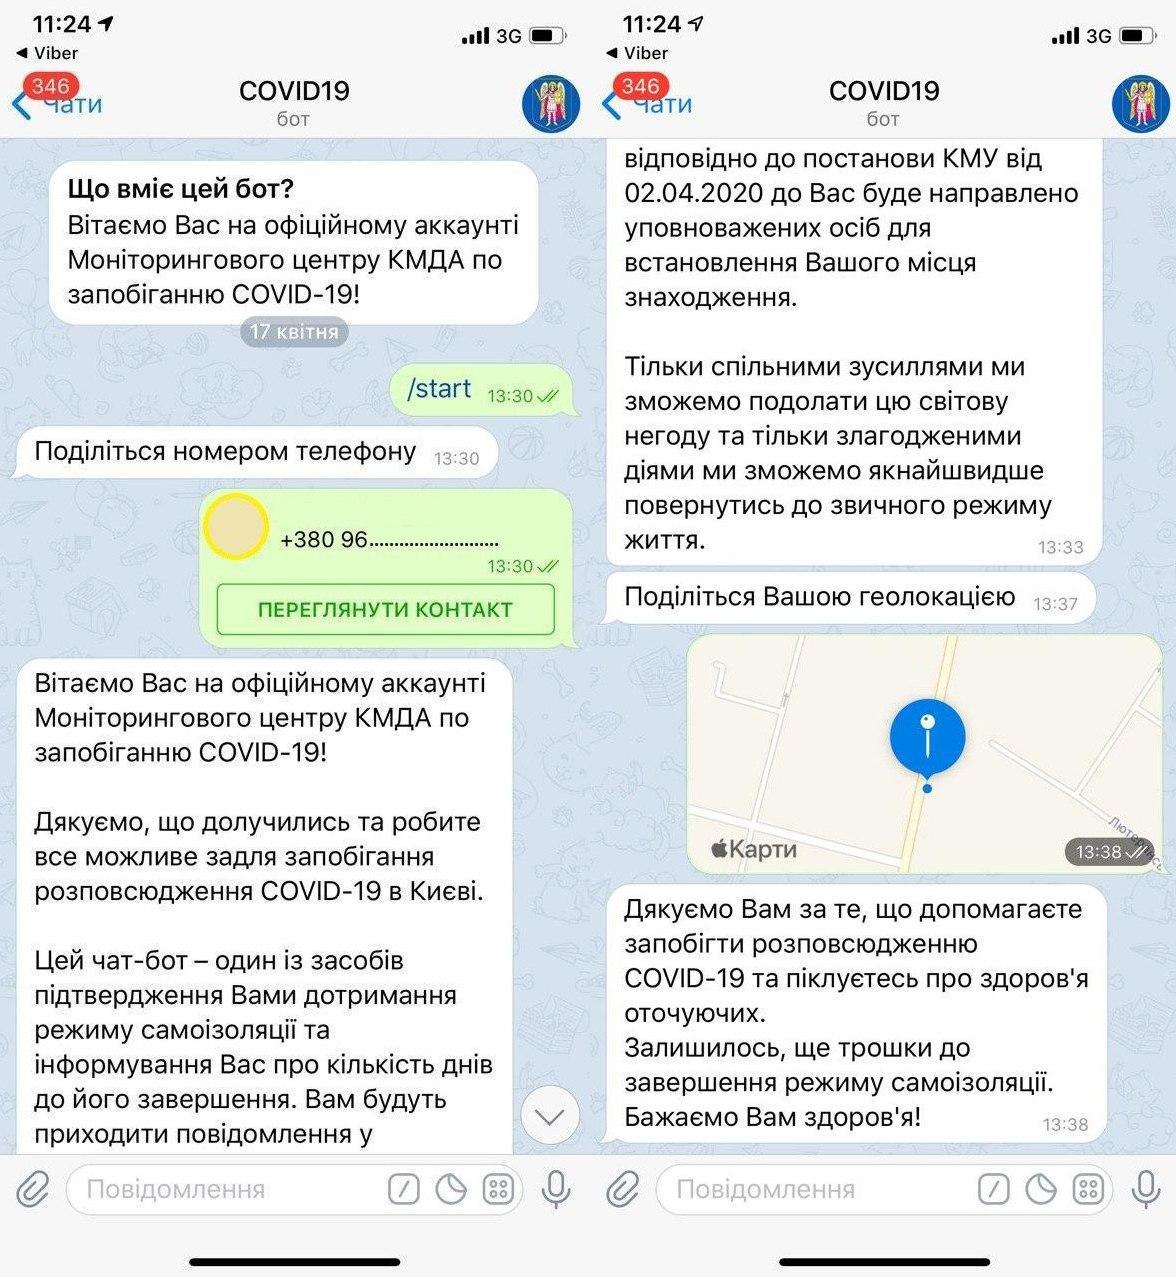 Самоизолированных в Киеве будут контролироваль через Telegram-бот